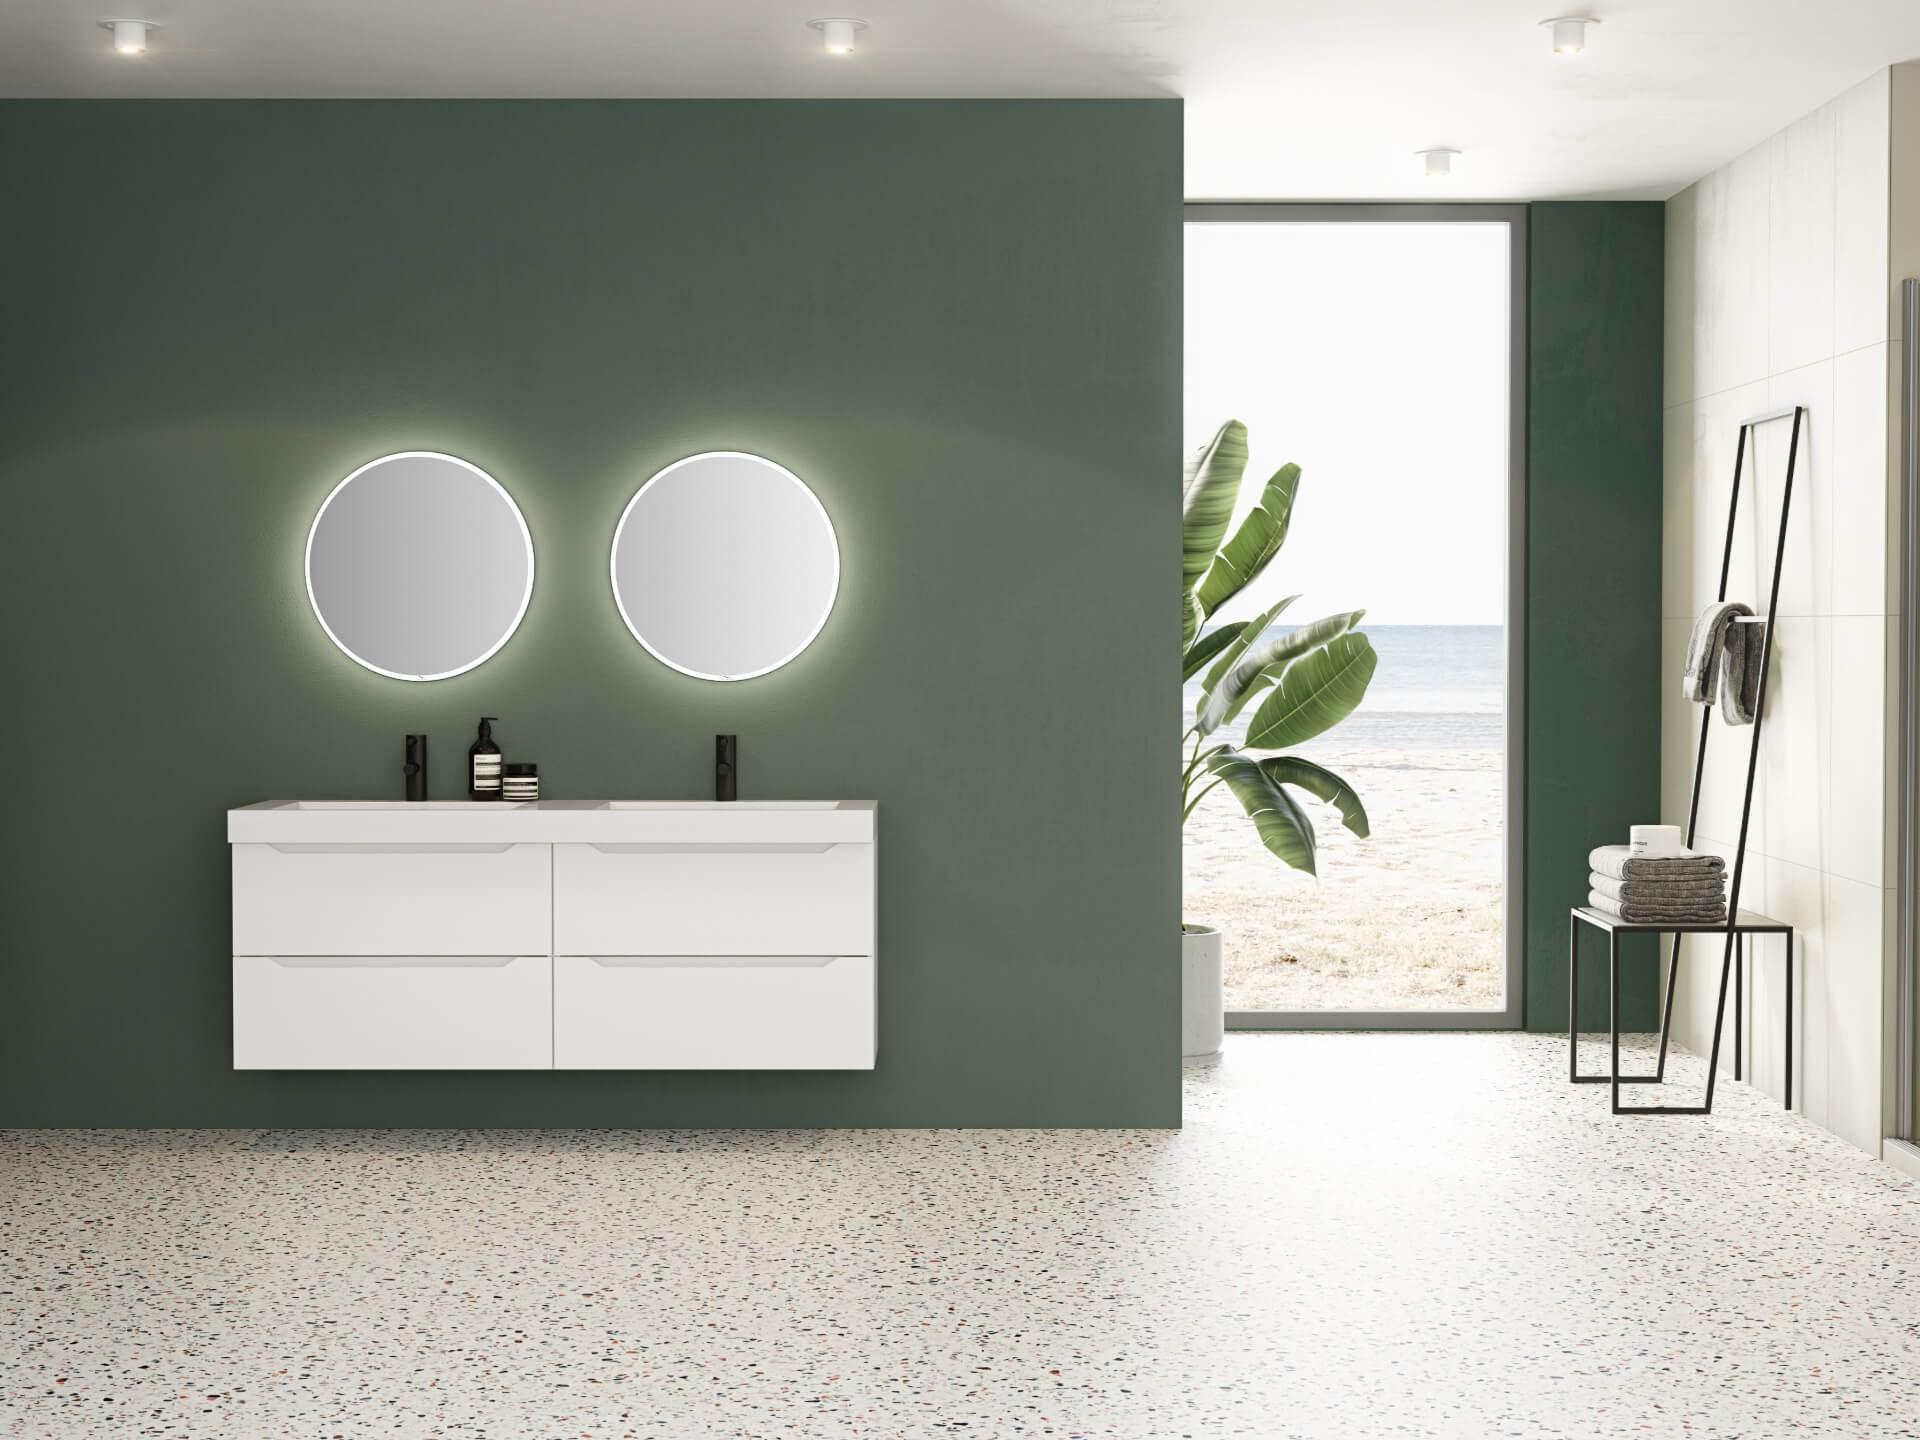 Miljøbilde servantskap Linn Bad Emma 160 hvit matt. Finden rundt speil med lyskant. Terrazzofliser og grønn vegg.